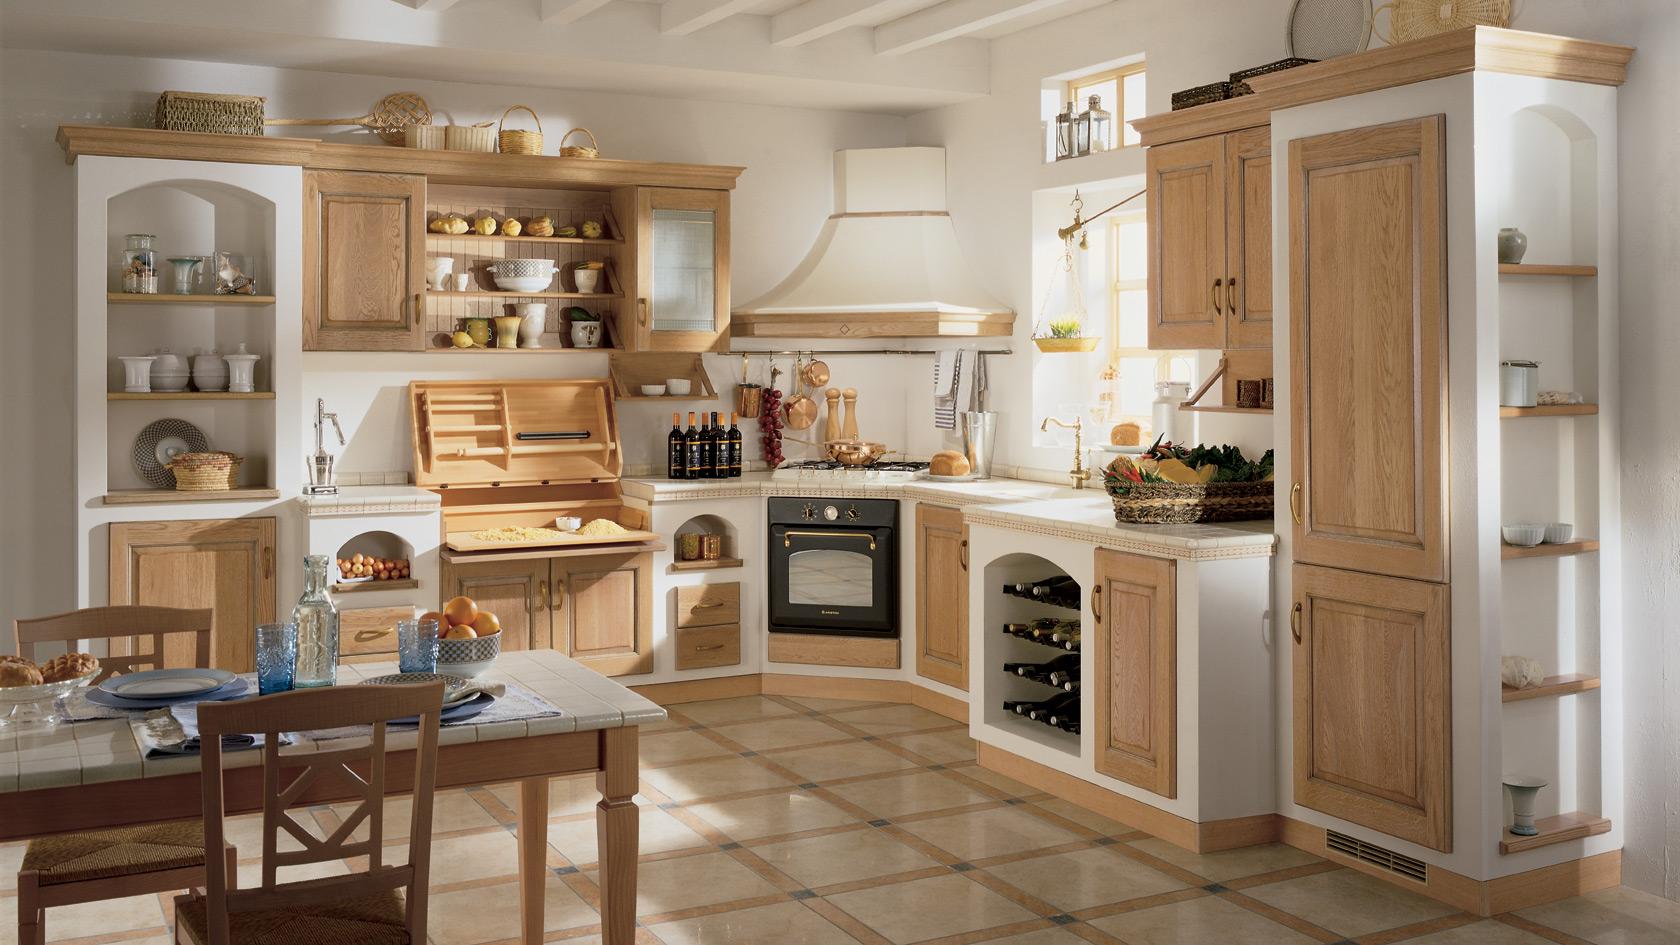 Piastrelle Per Piano Cucina Muratura. Piastrelle Per Piano Cucina ...